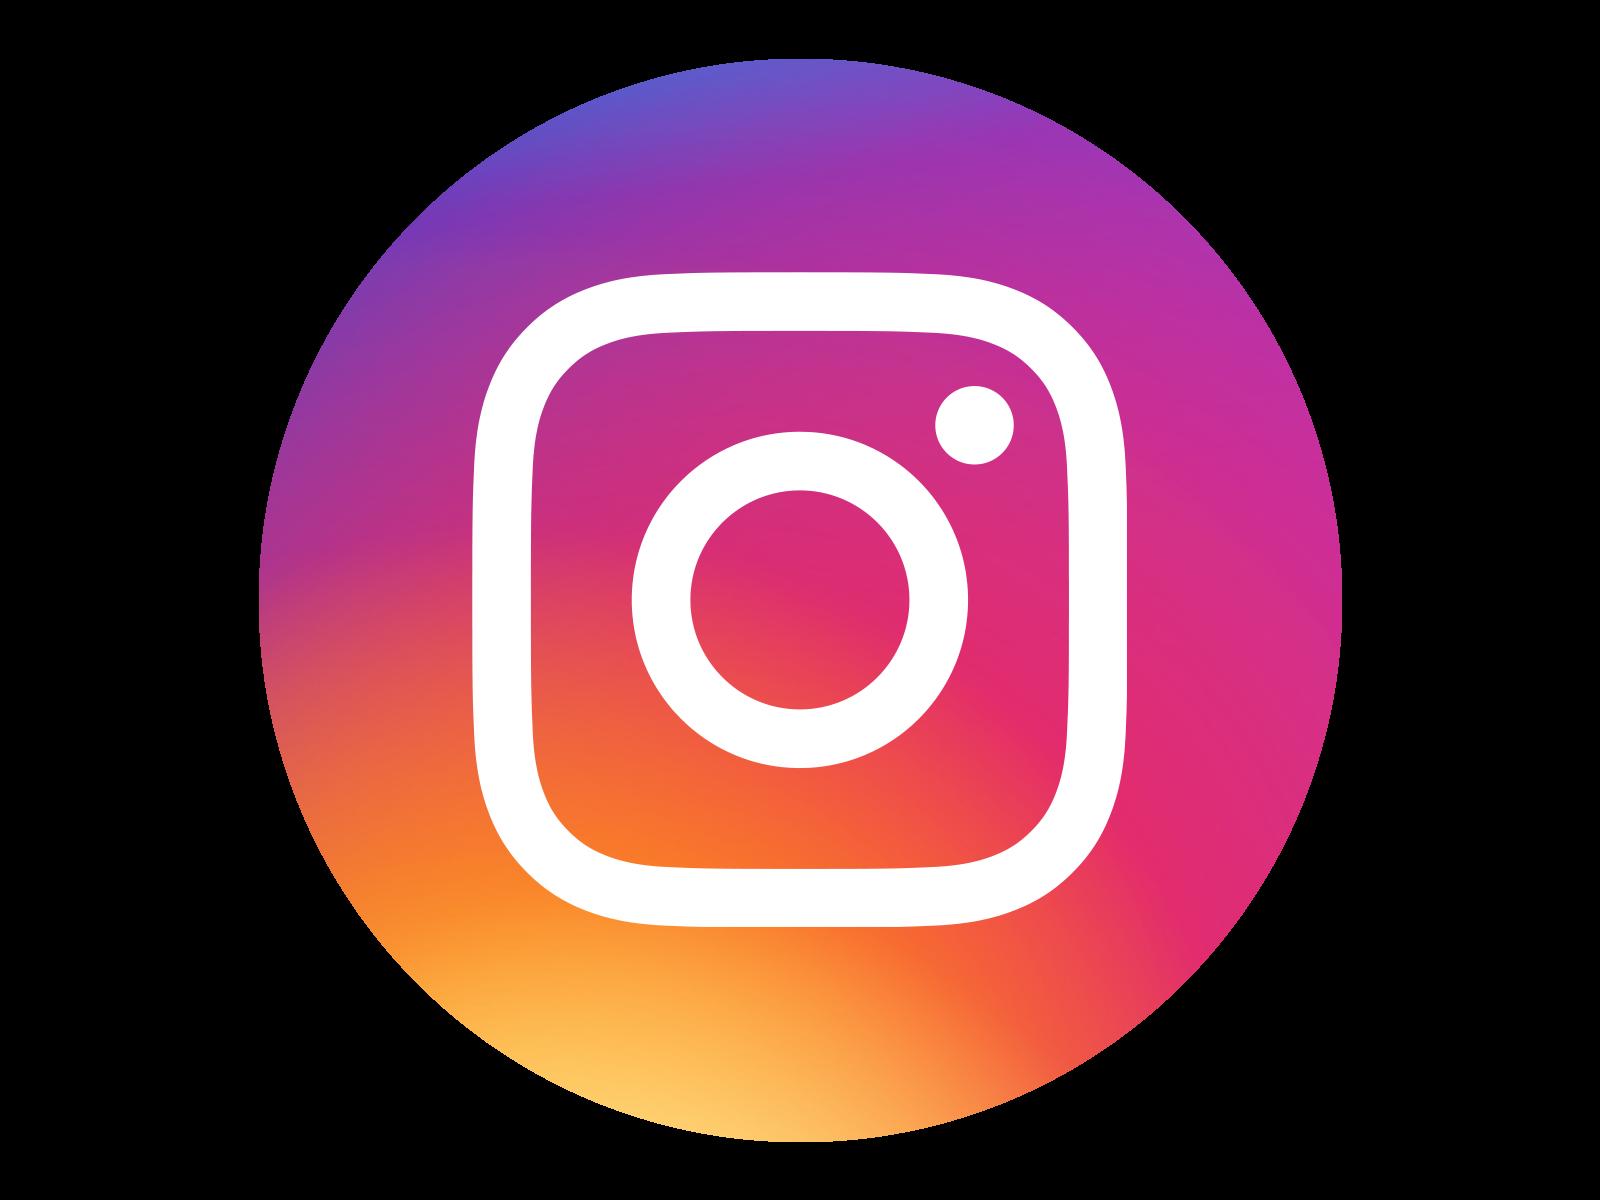 1600x1200 Instagram Logo Png Transparent Amp Svg Vector